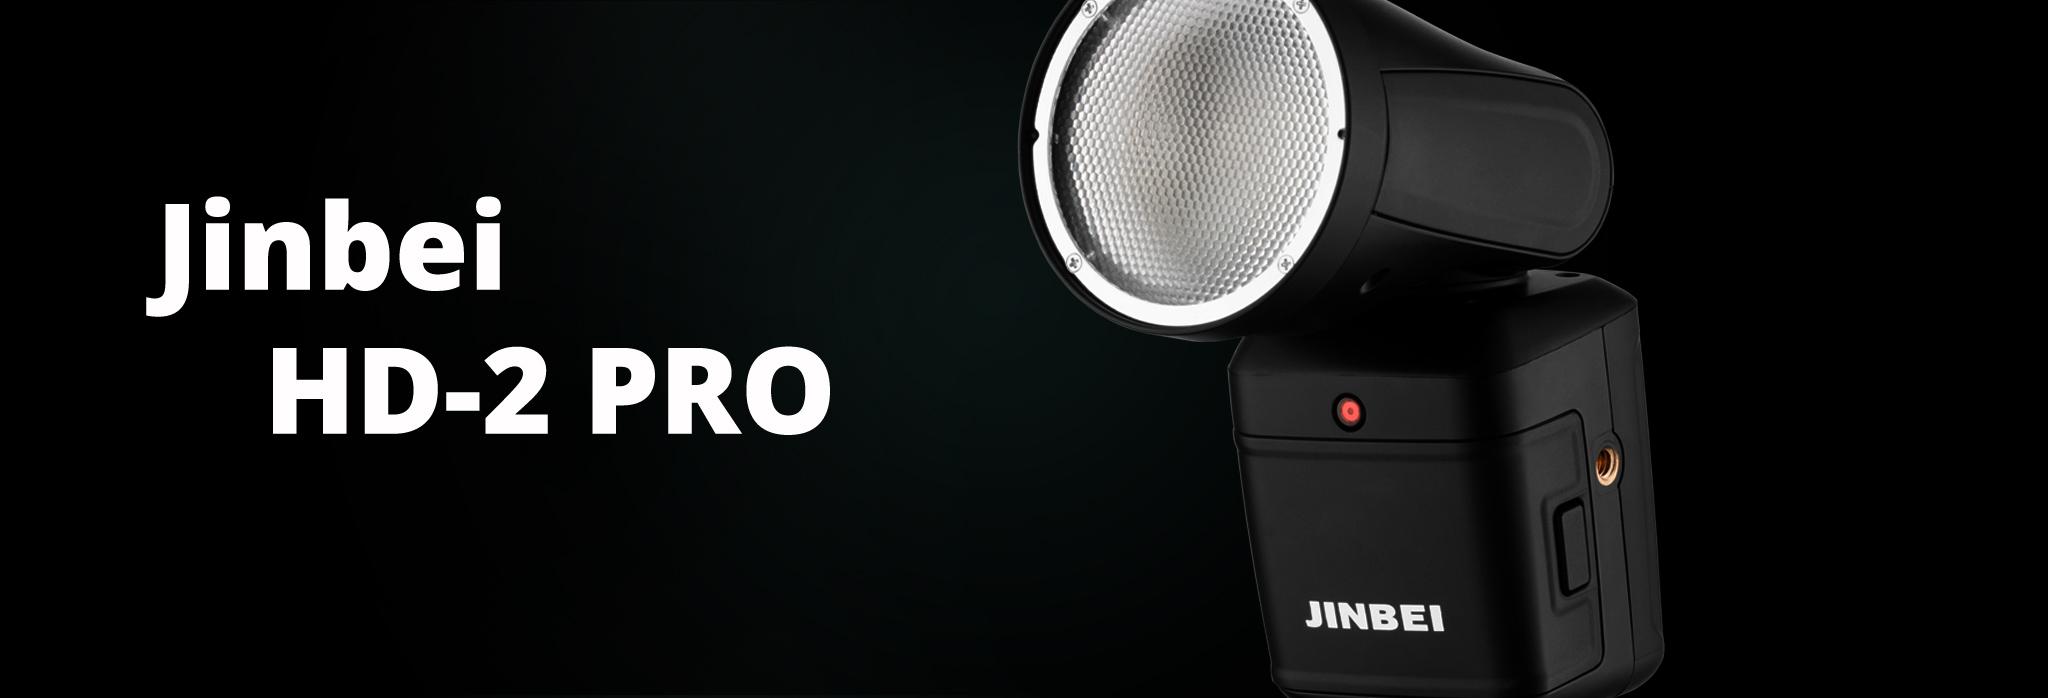 Jinbei HD-2 PRO